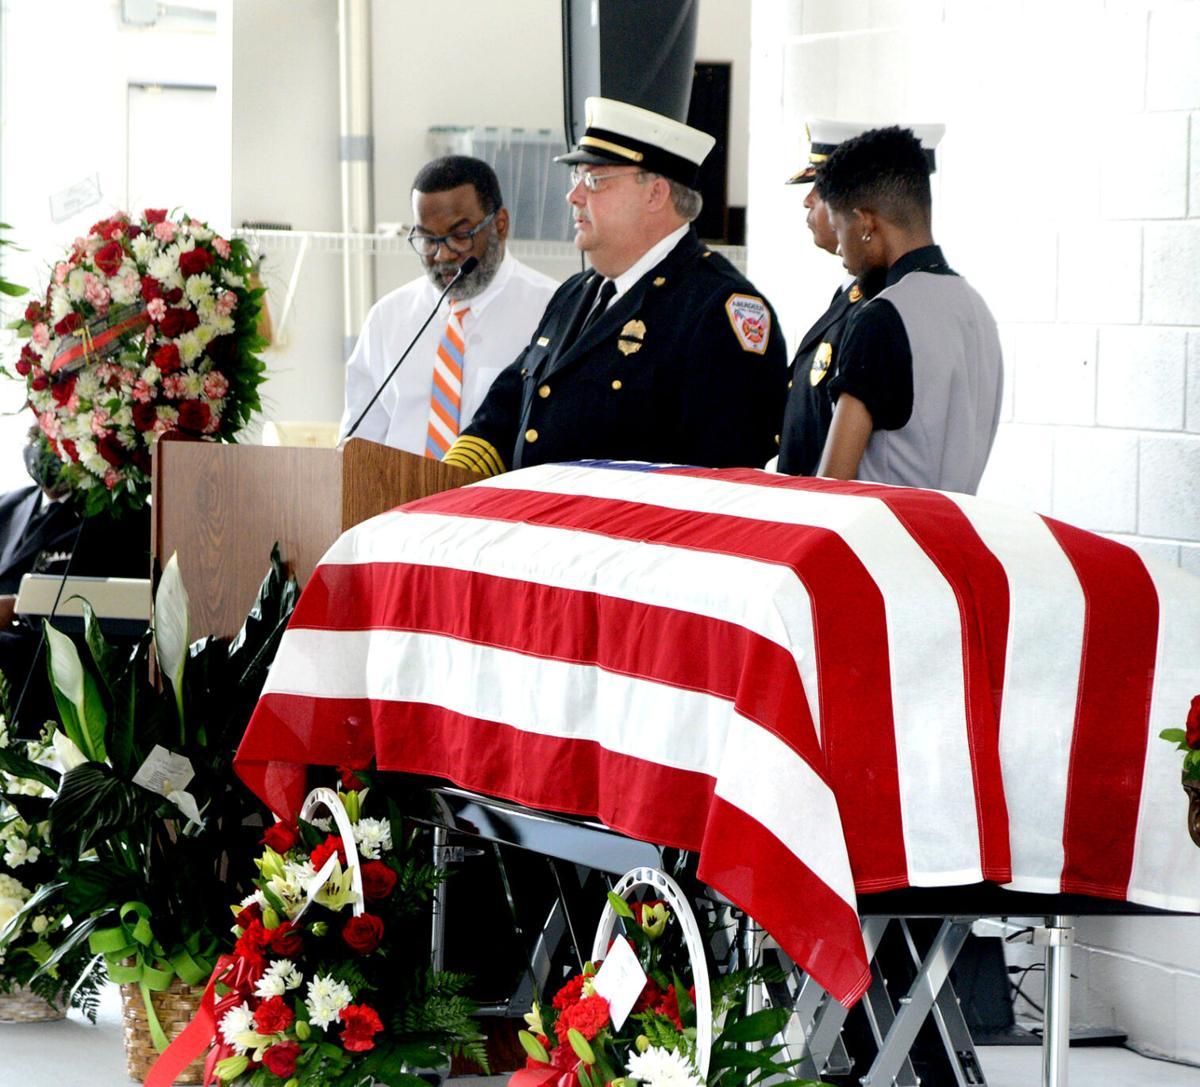 Funeral for John McKiver 02.jpg